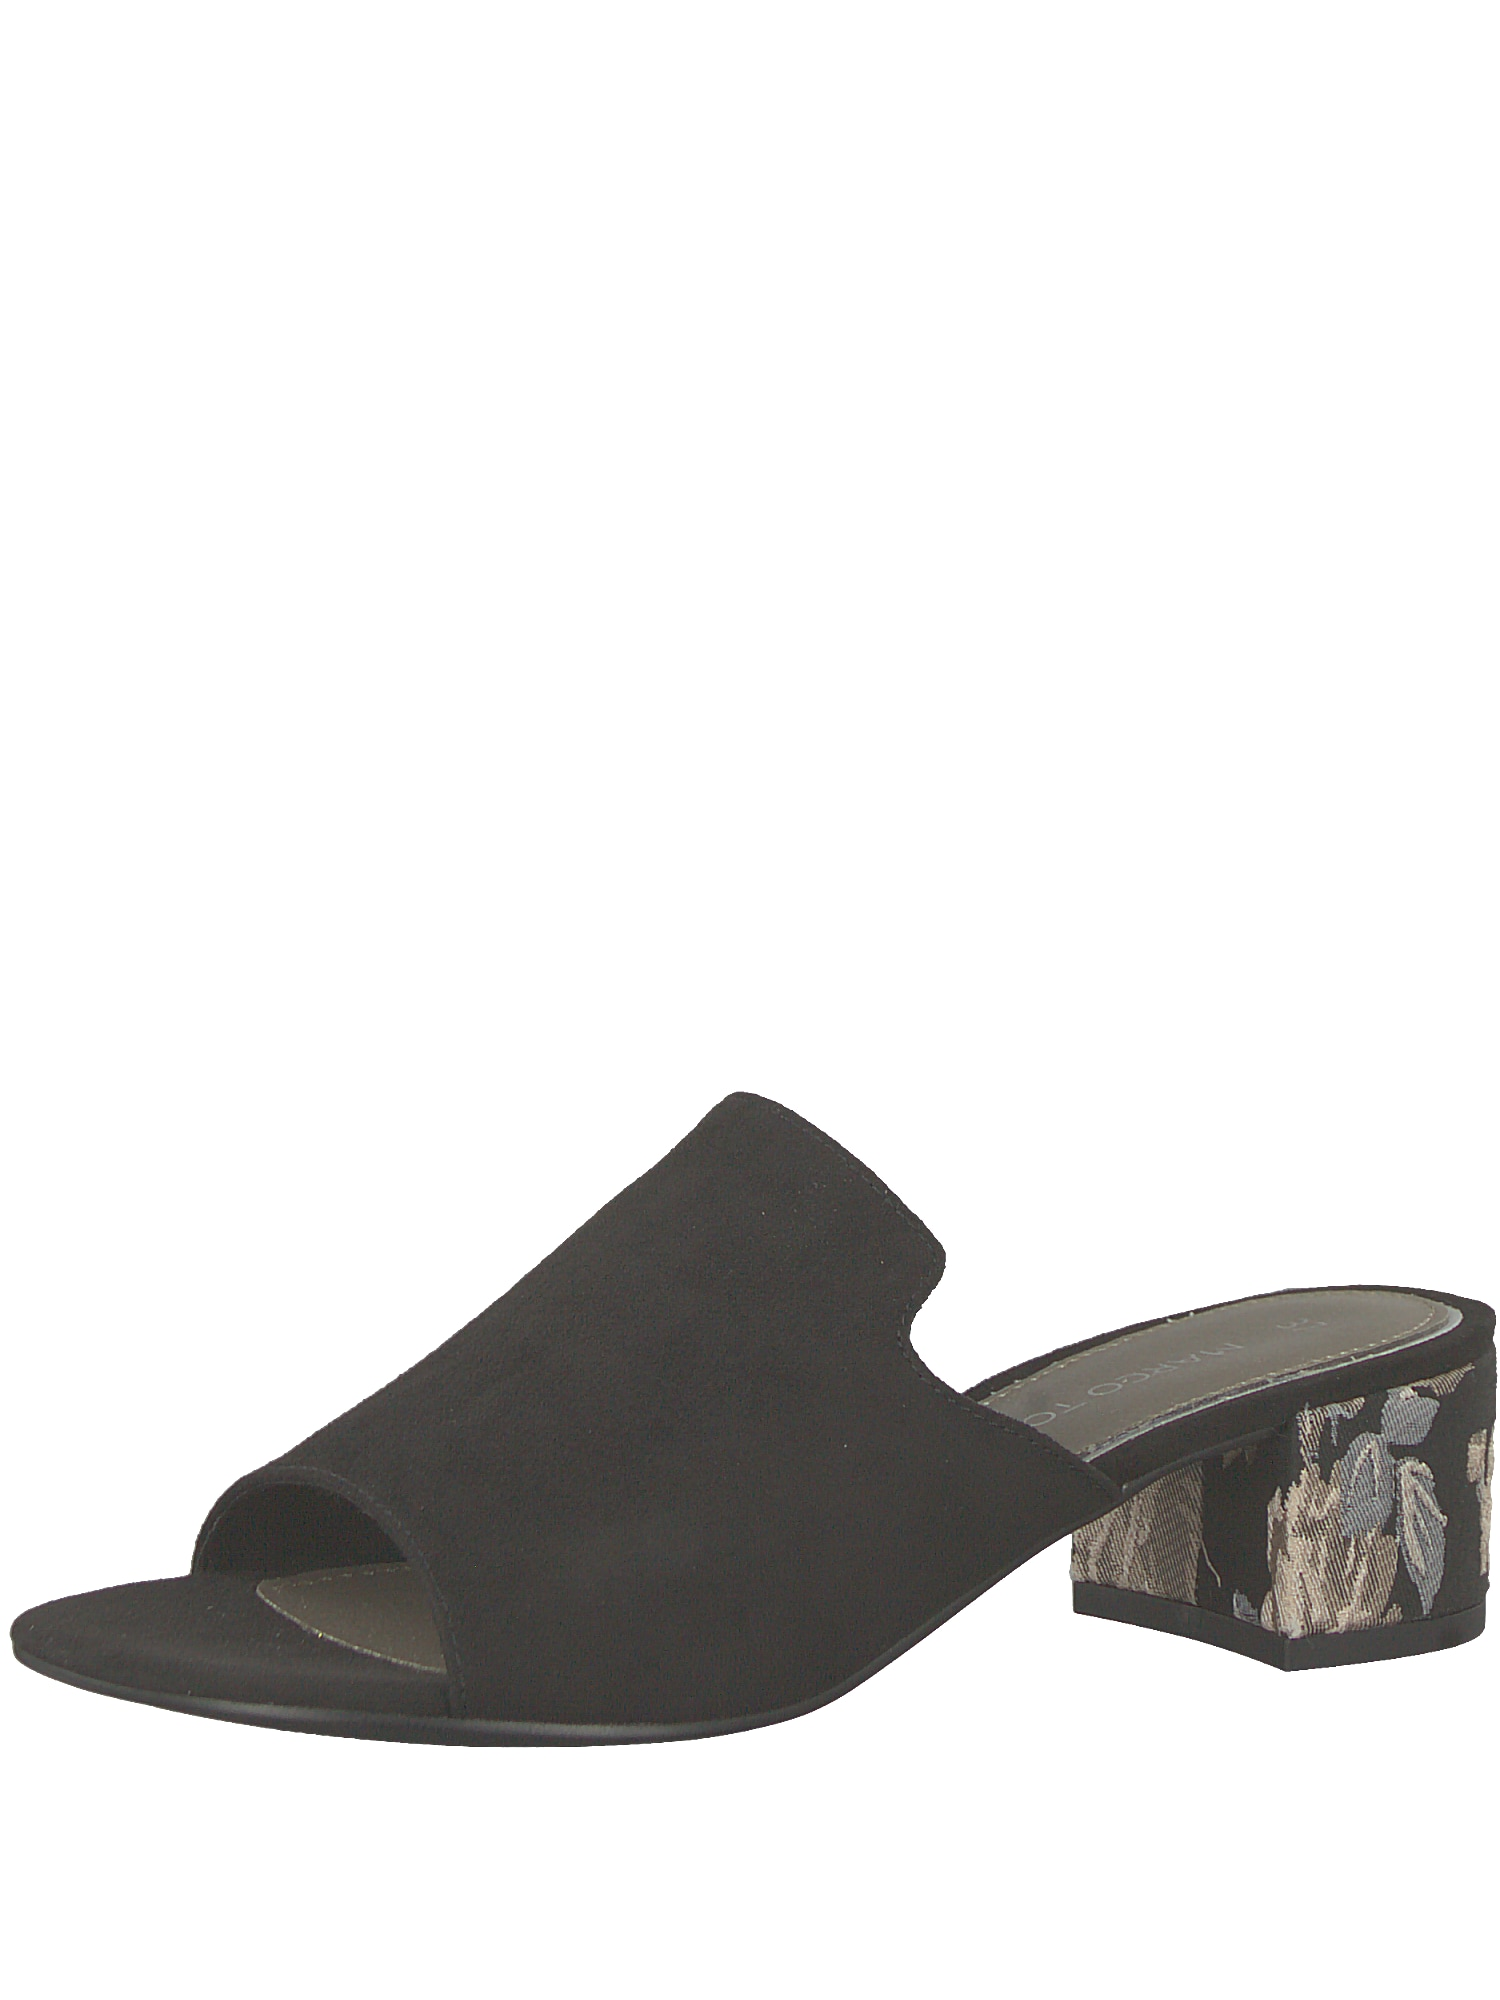 Slipper Mule černá MARCO TOZZI